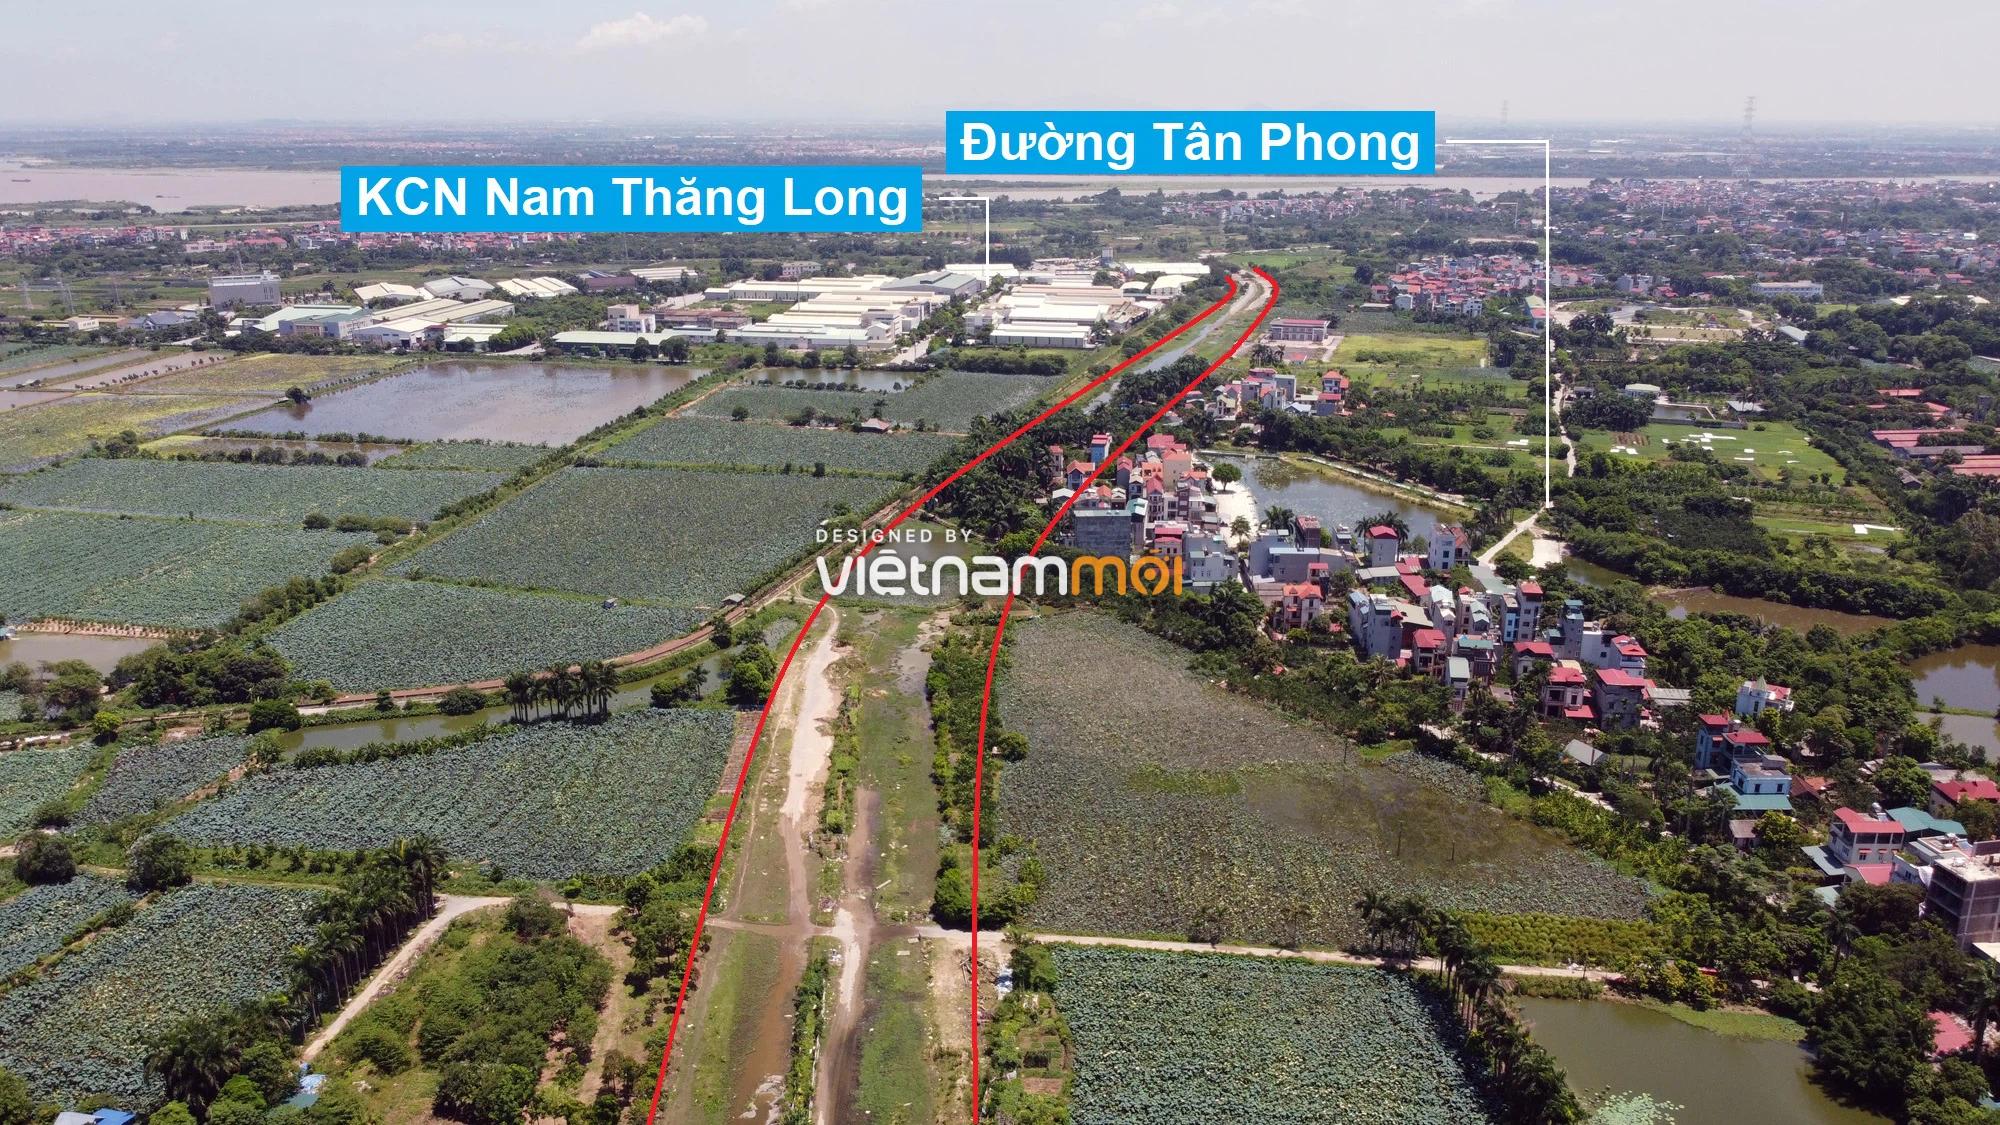 Những khu đất sắp thu hồi để mở đường ở quận Bắc Từ Liêm, Hà Nội (phần 3) - Ảnh 5.